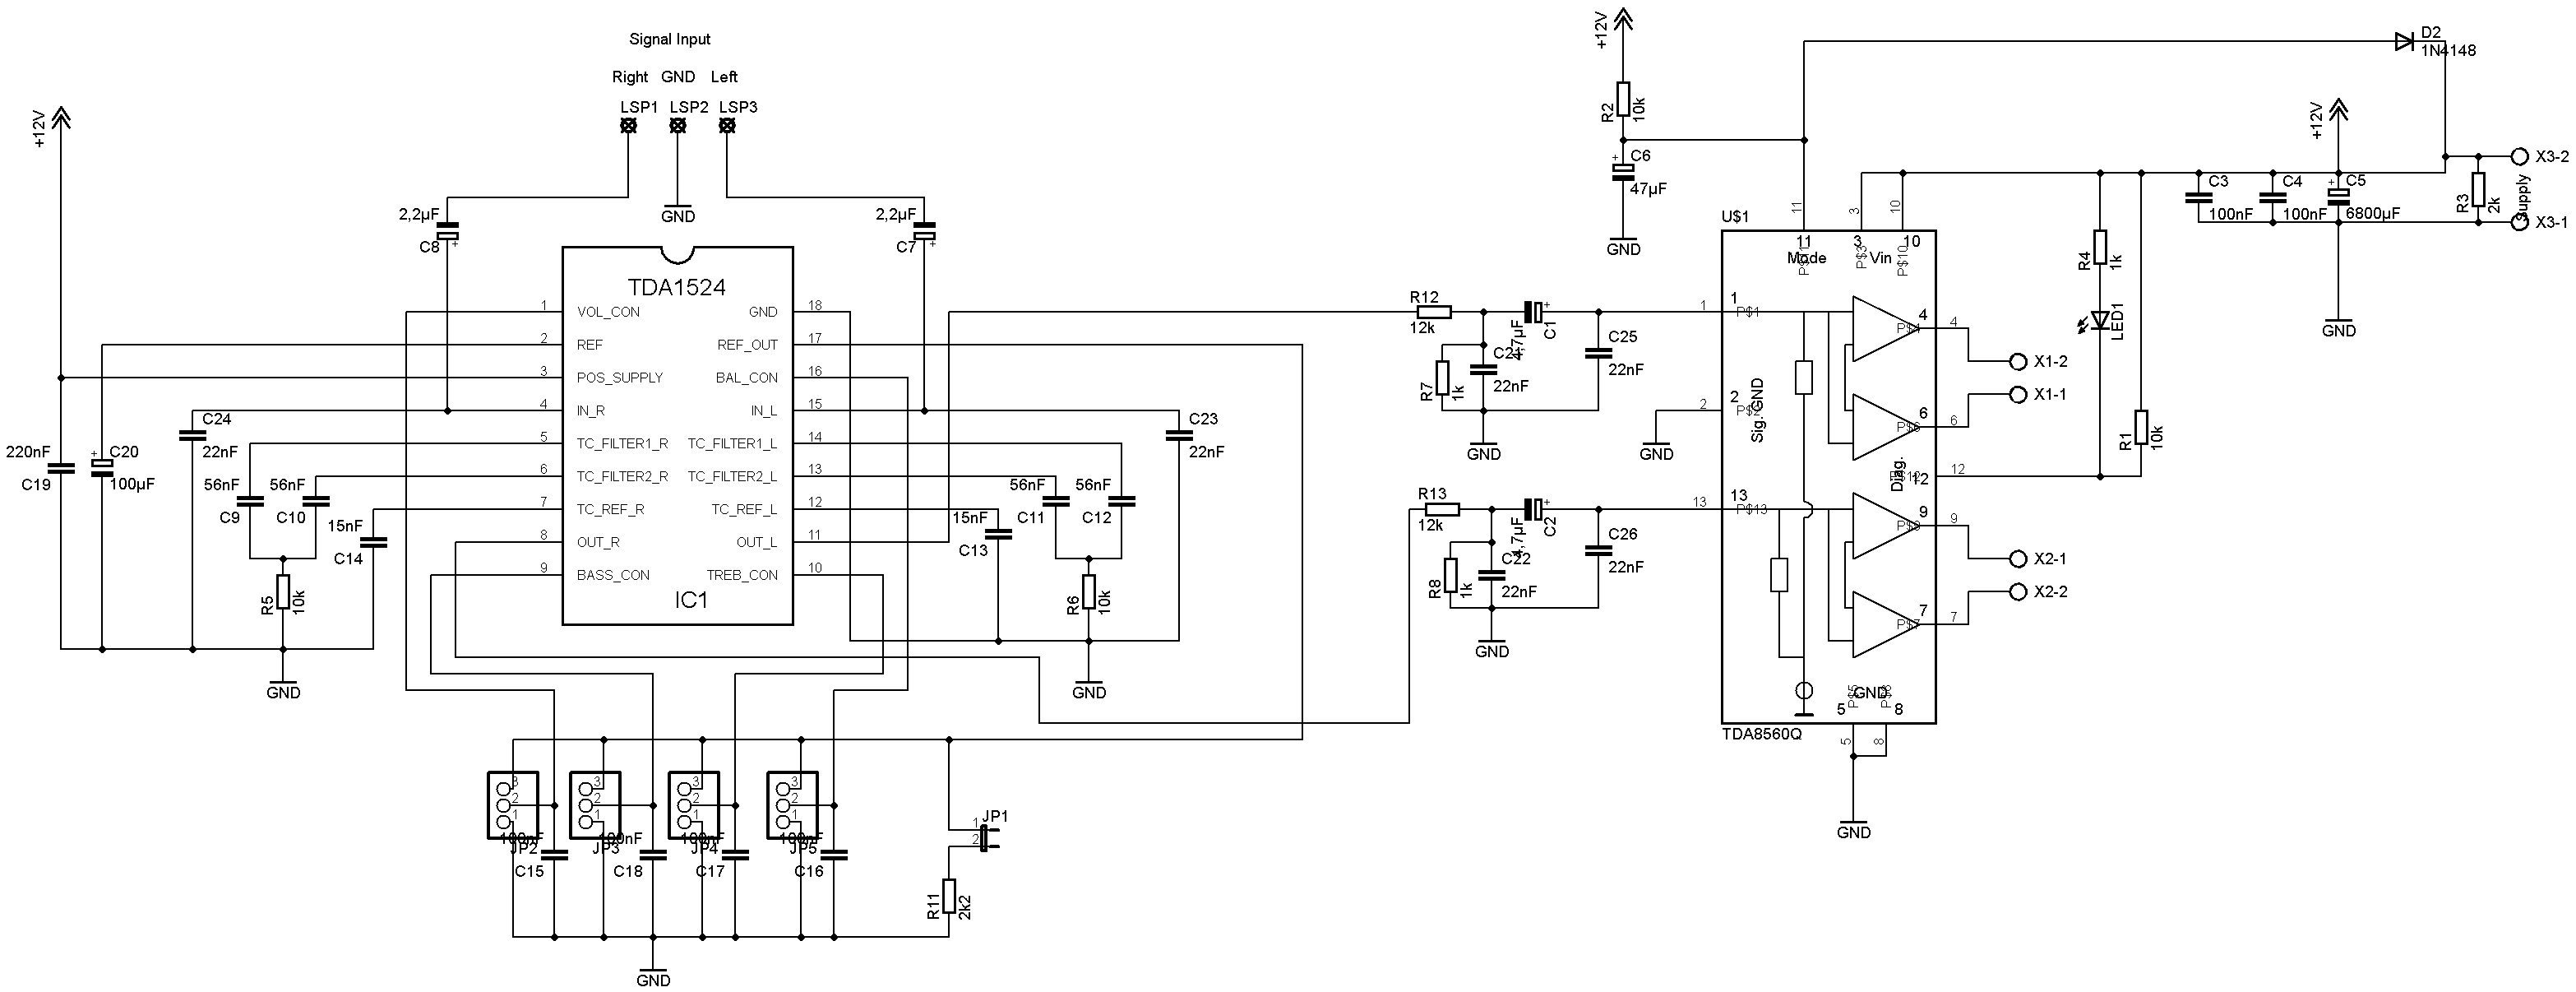 Klicke auf die Grafik für eine größere Ansicht  Name:Verstärkerschaltplan.jpg Hits:3239 Größe:257,4 KB ID:310329